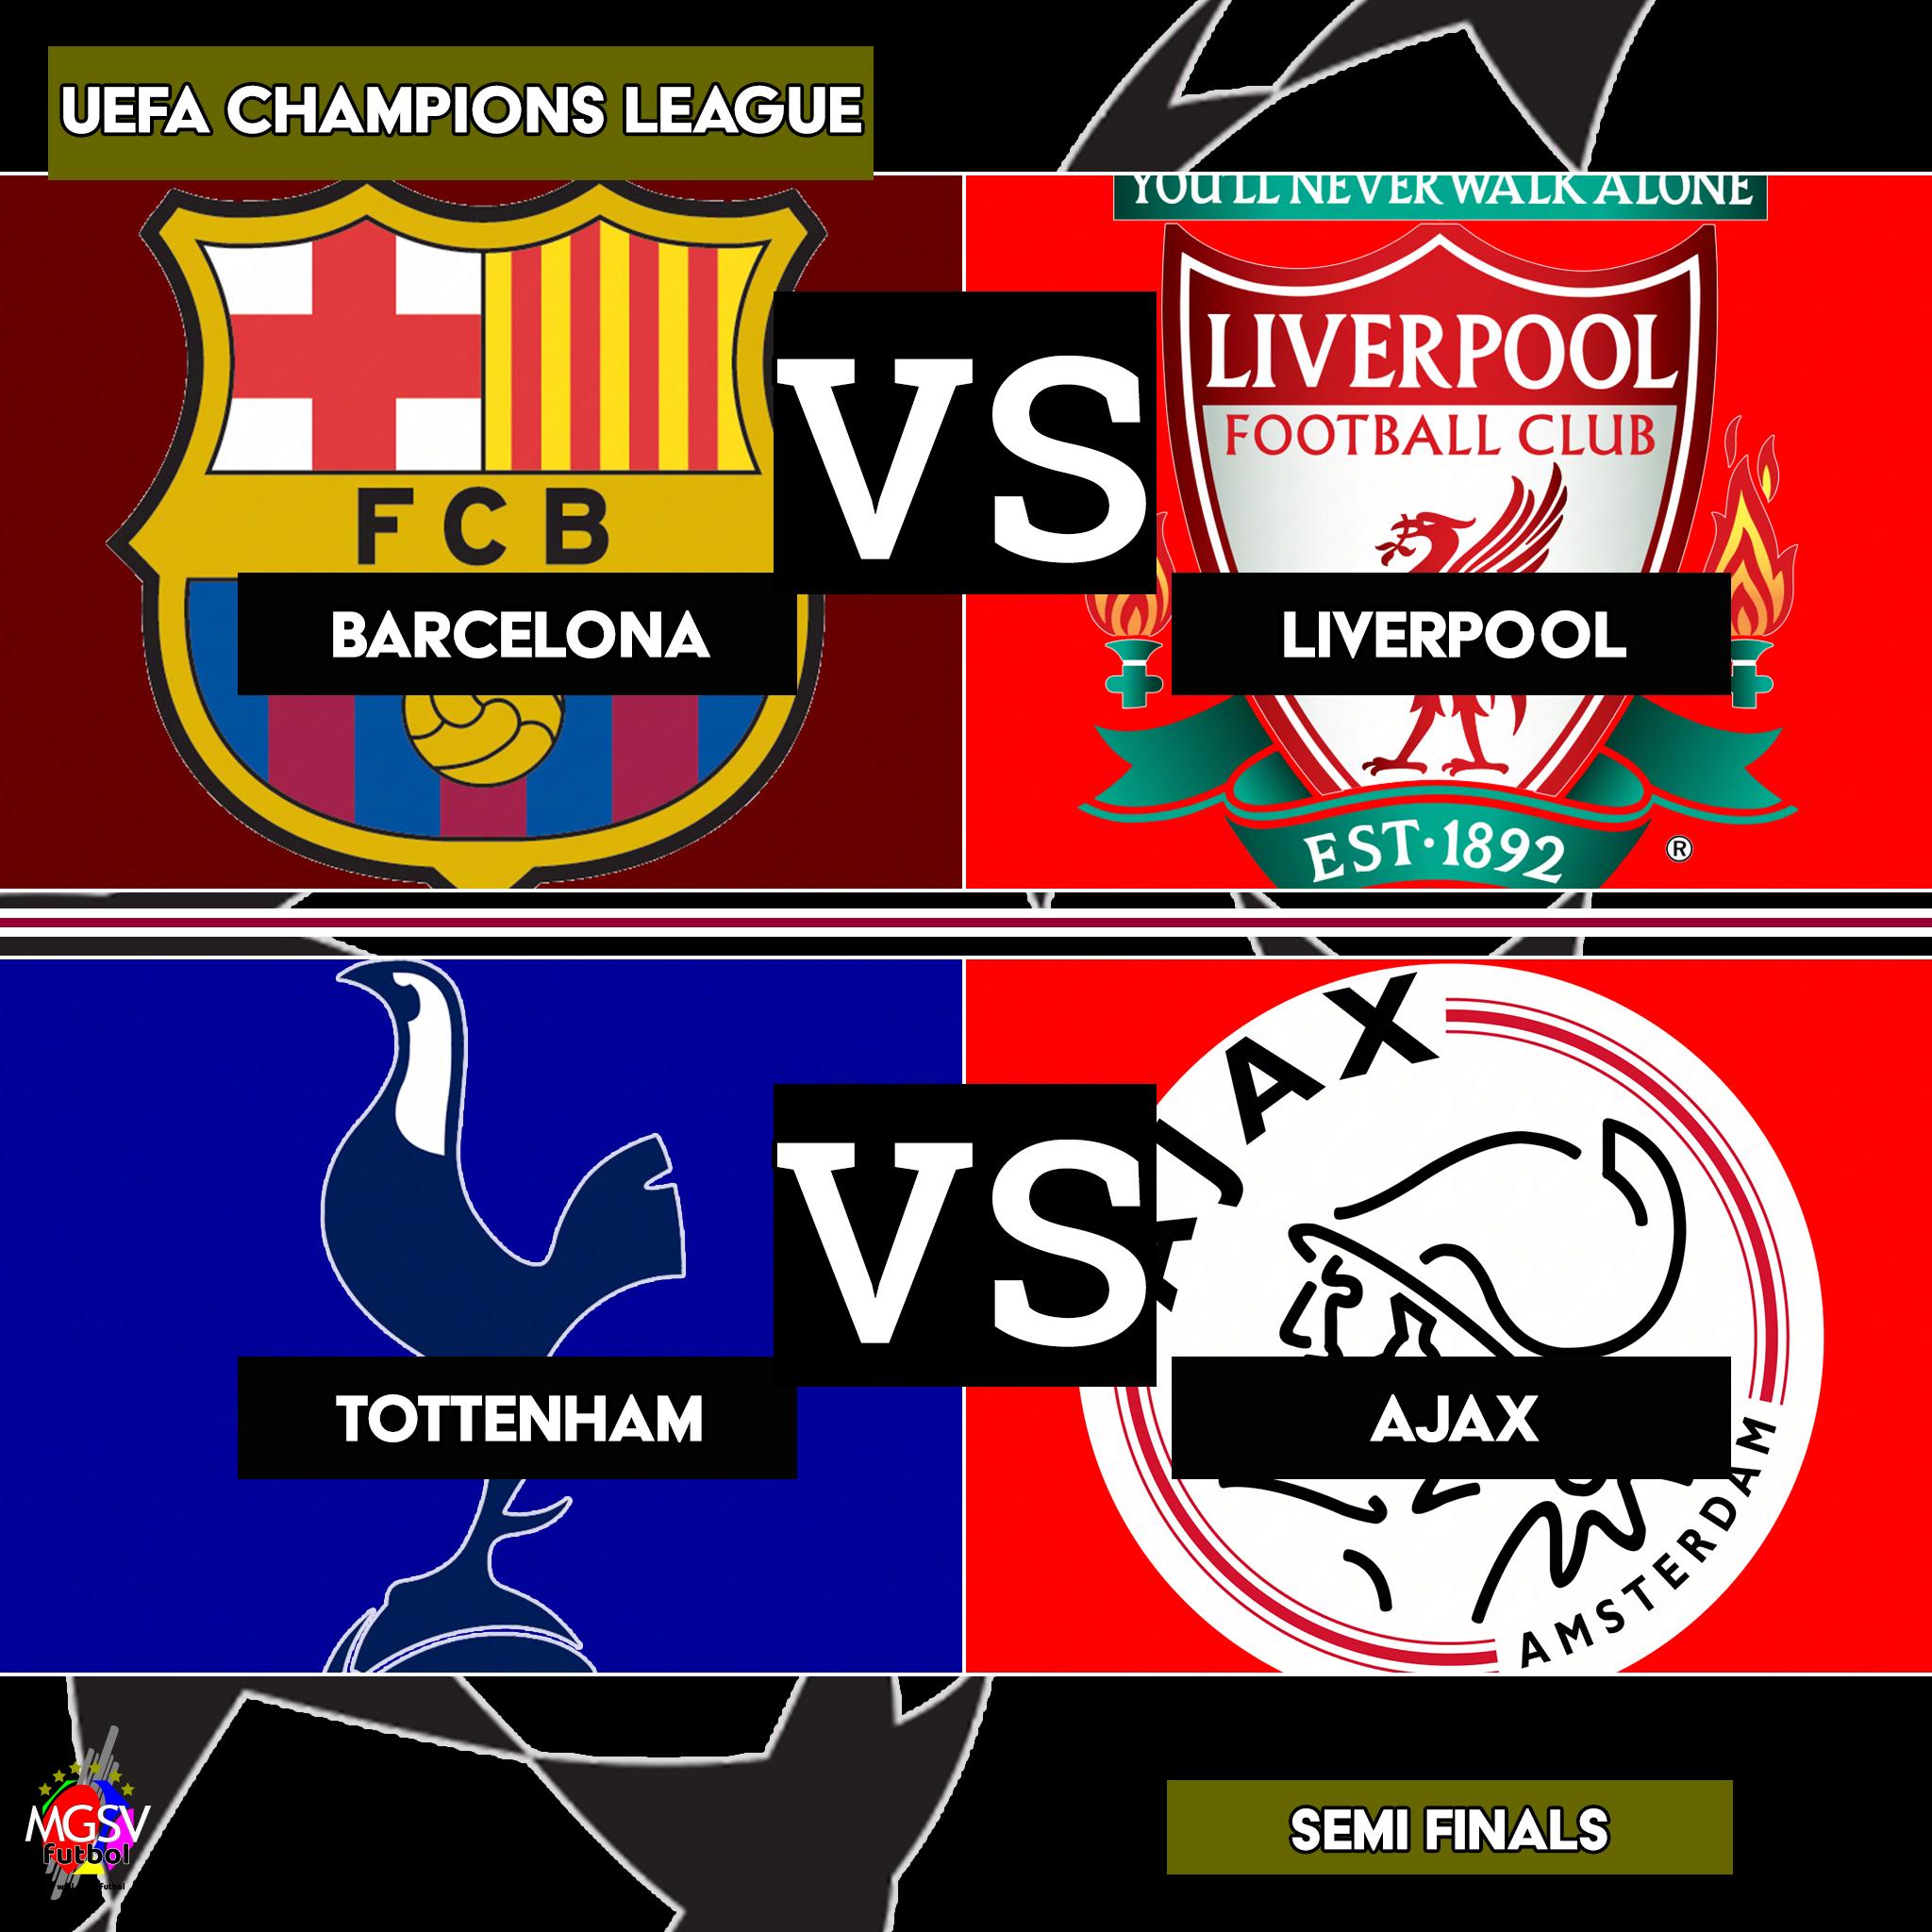 Tottenham Vs Ajax Semi Final: 2018/19 UEFA Champions League Quarter-finals